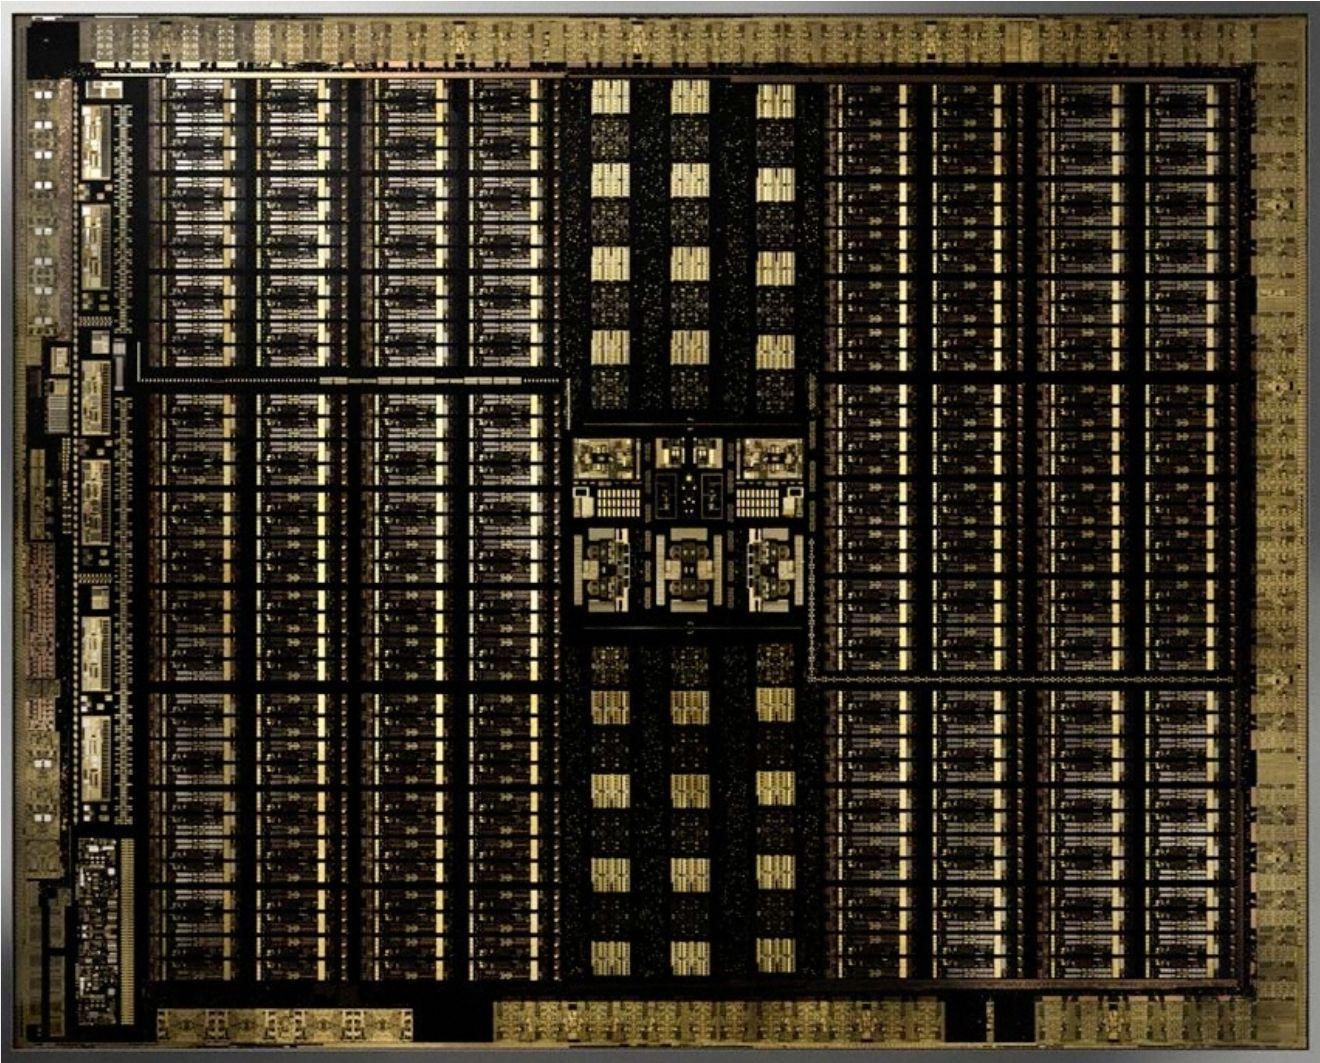 Slik ser de nye grafikkbrikkene basert pa Turing-arkitekturen ut.